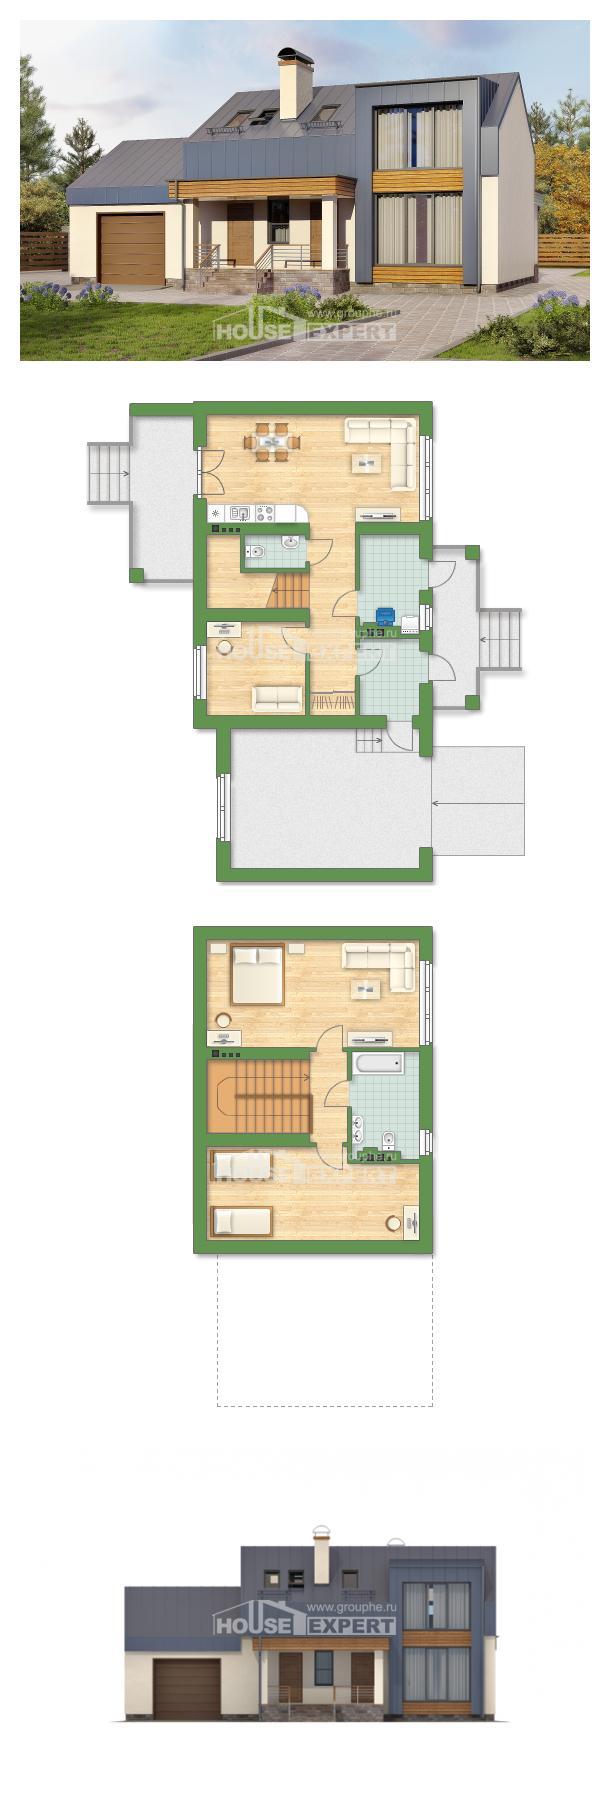 Проект дома 150-015-П | House Expert